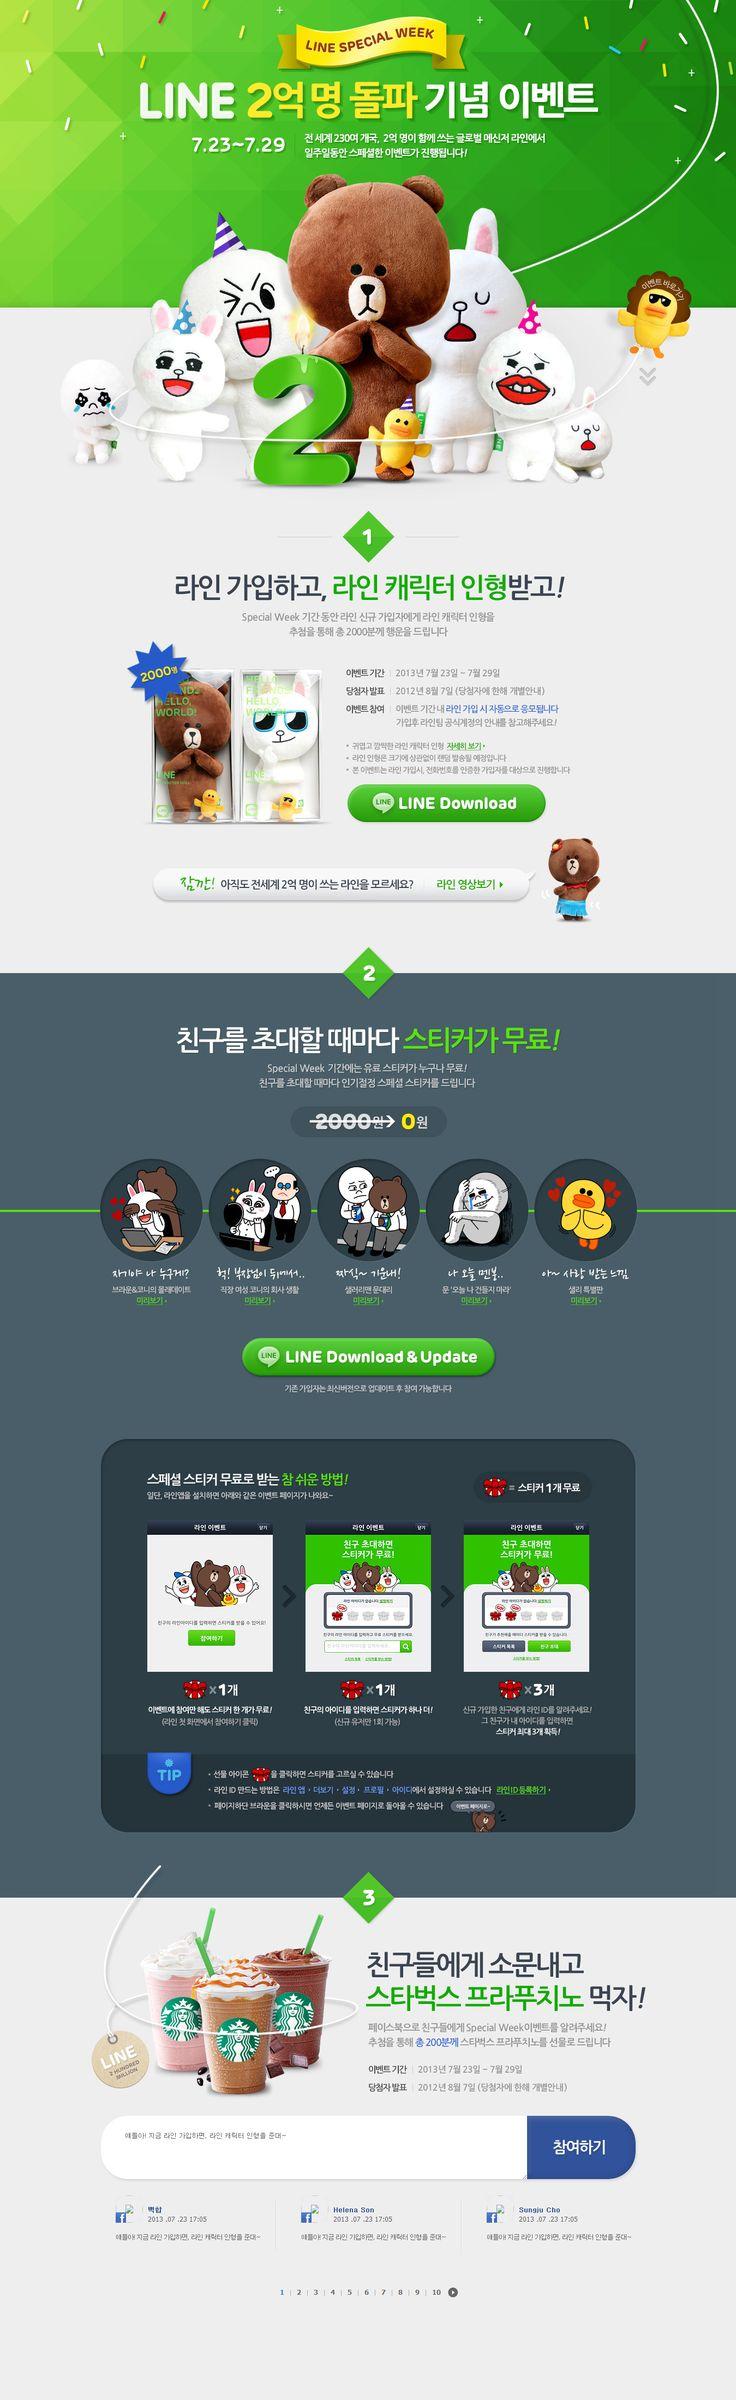 http://campaign.naver.com/line2event